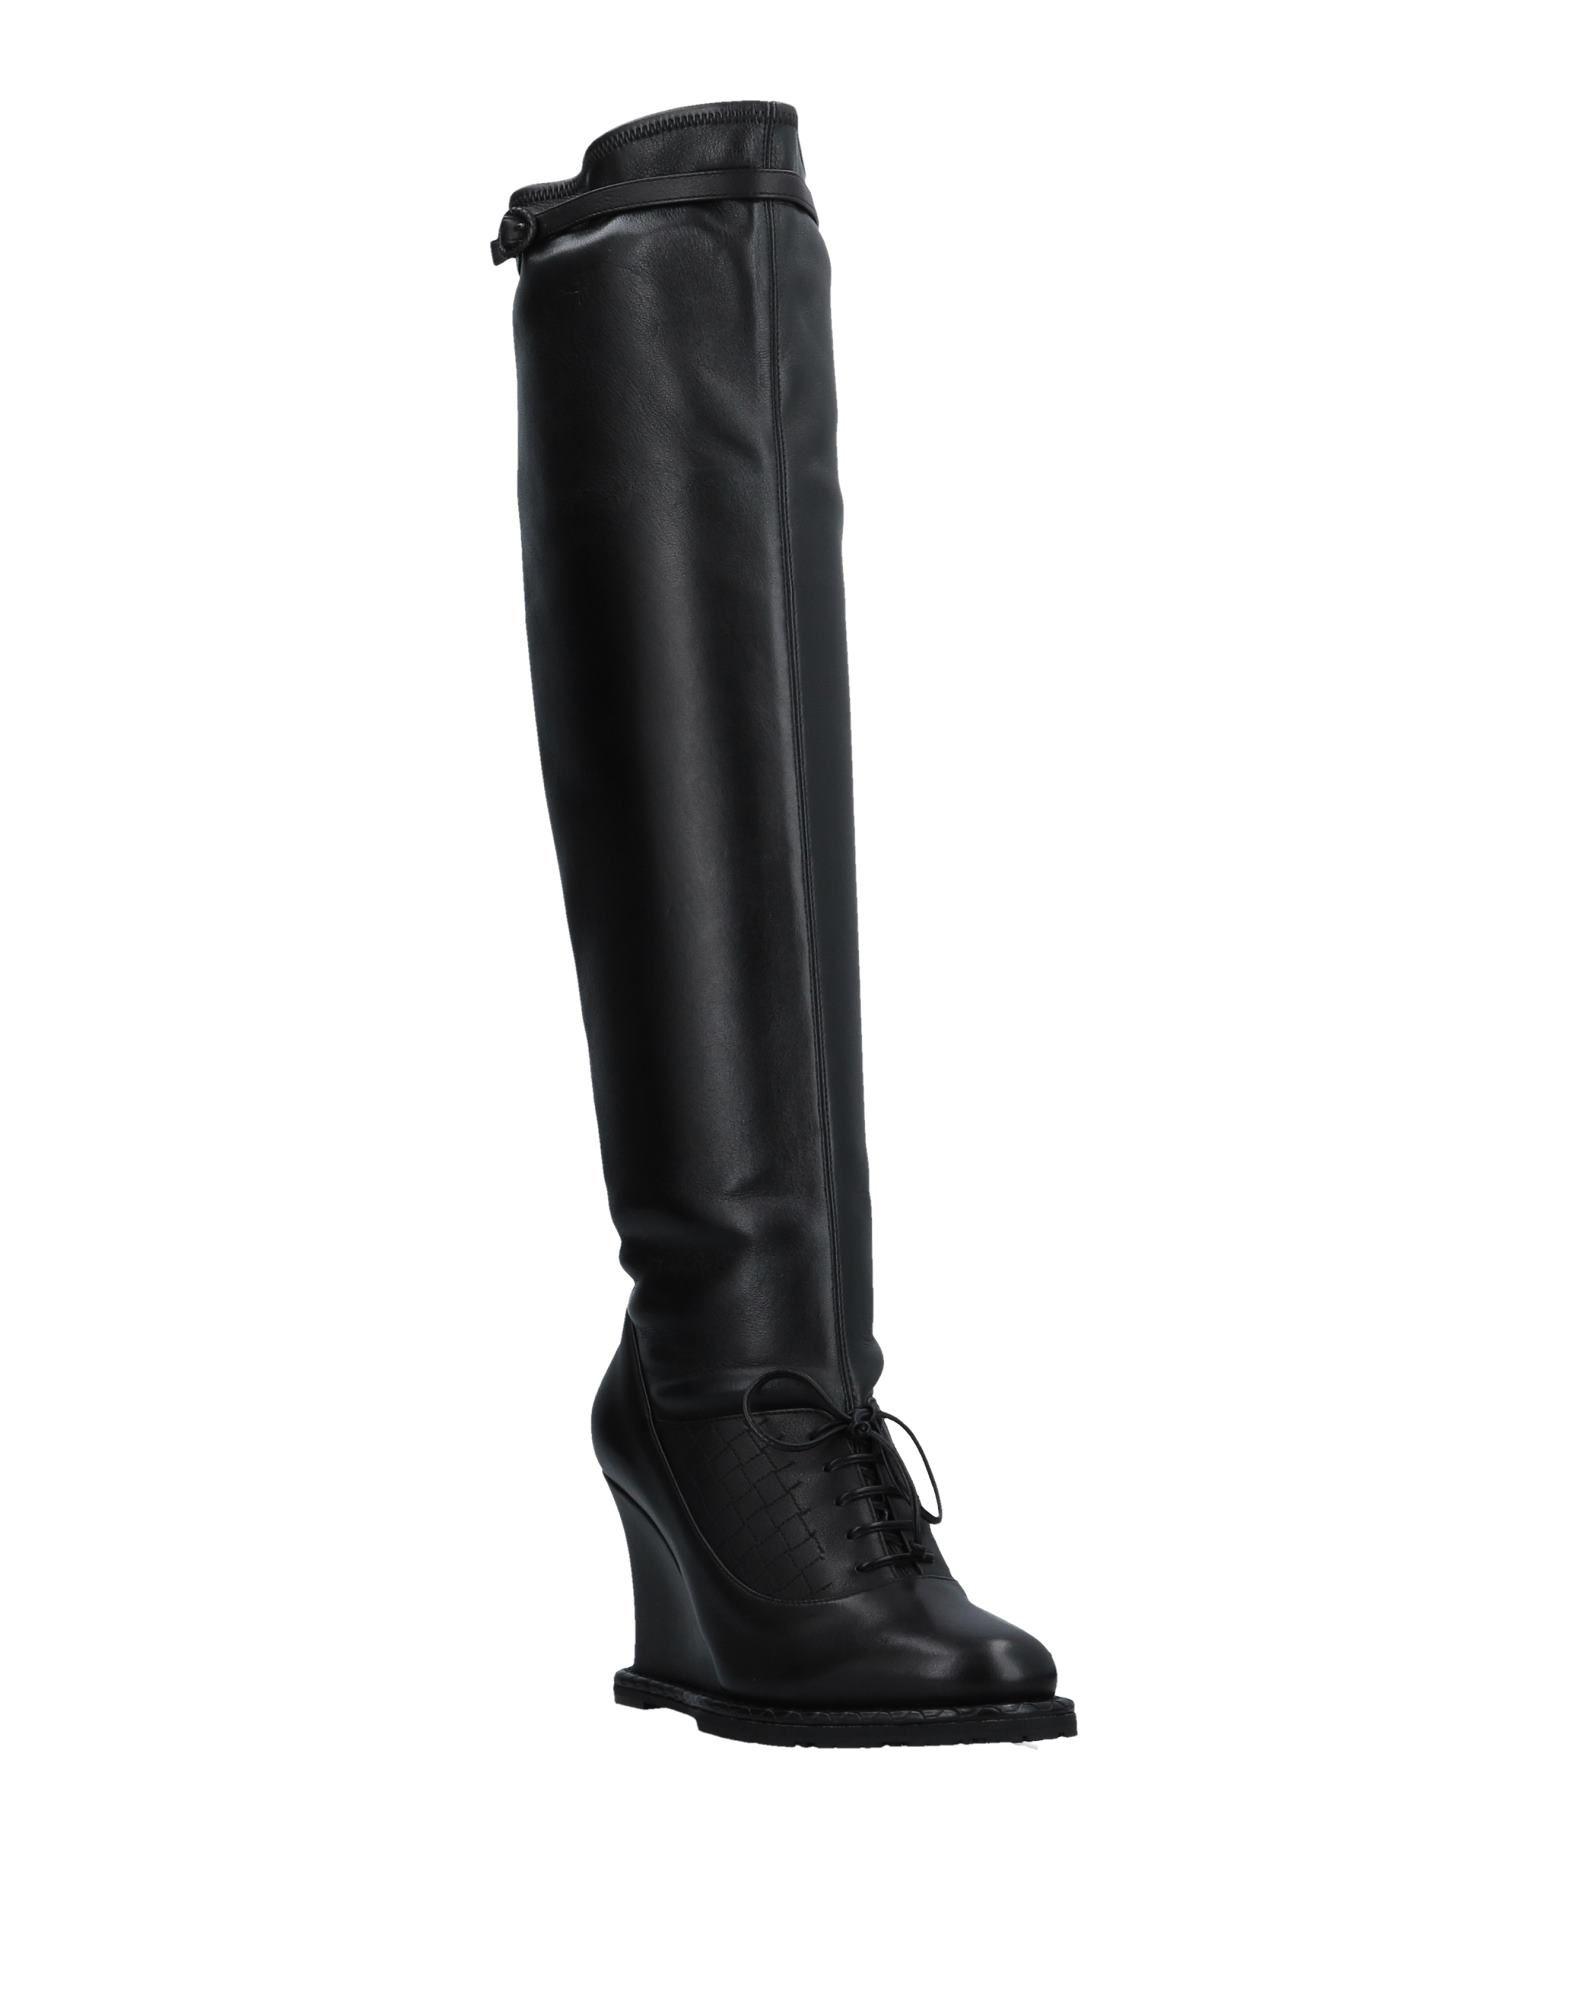 Bottega Damen Veneta Stiefel Damen Bottega  11510689XI Neue Schuhe bcd146